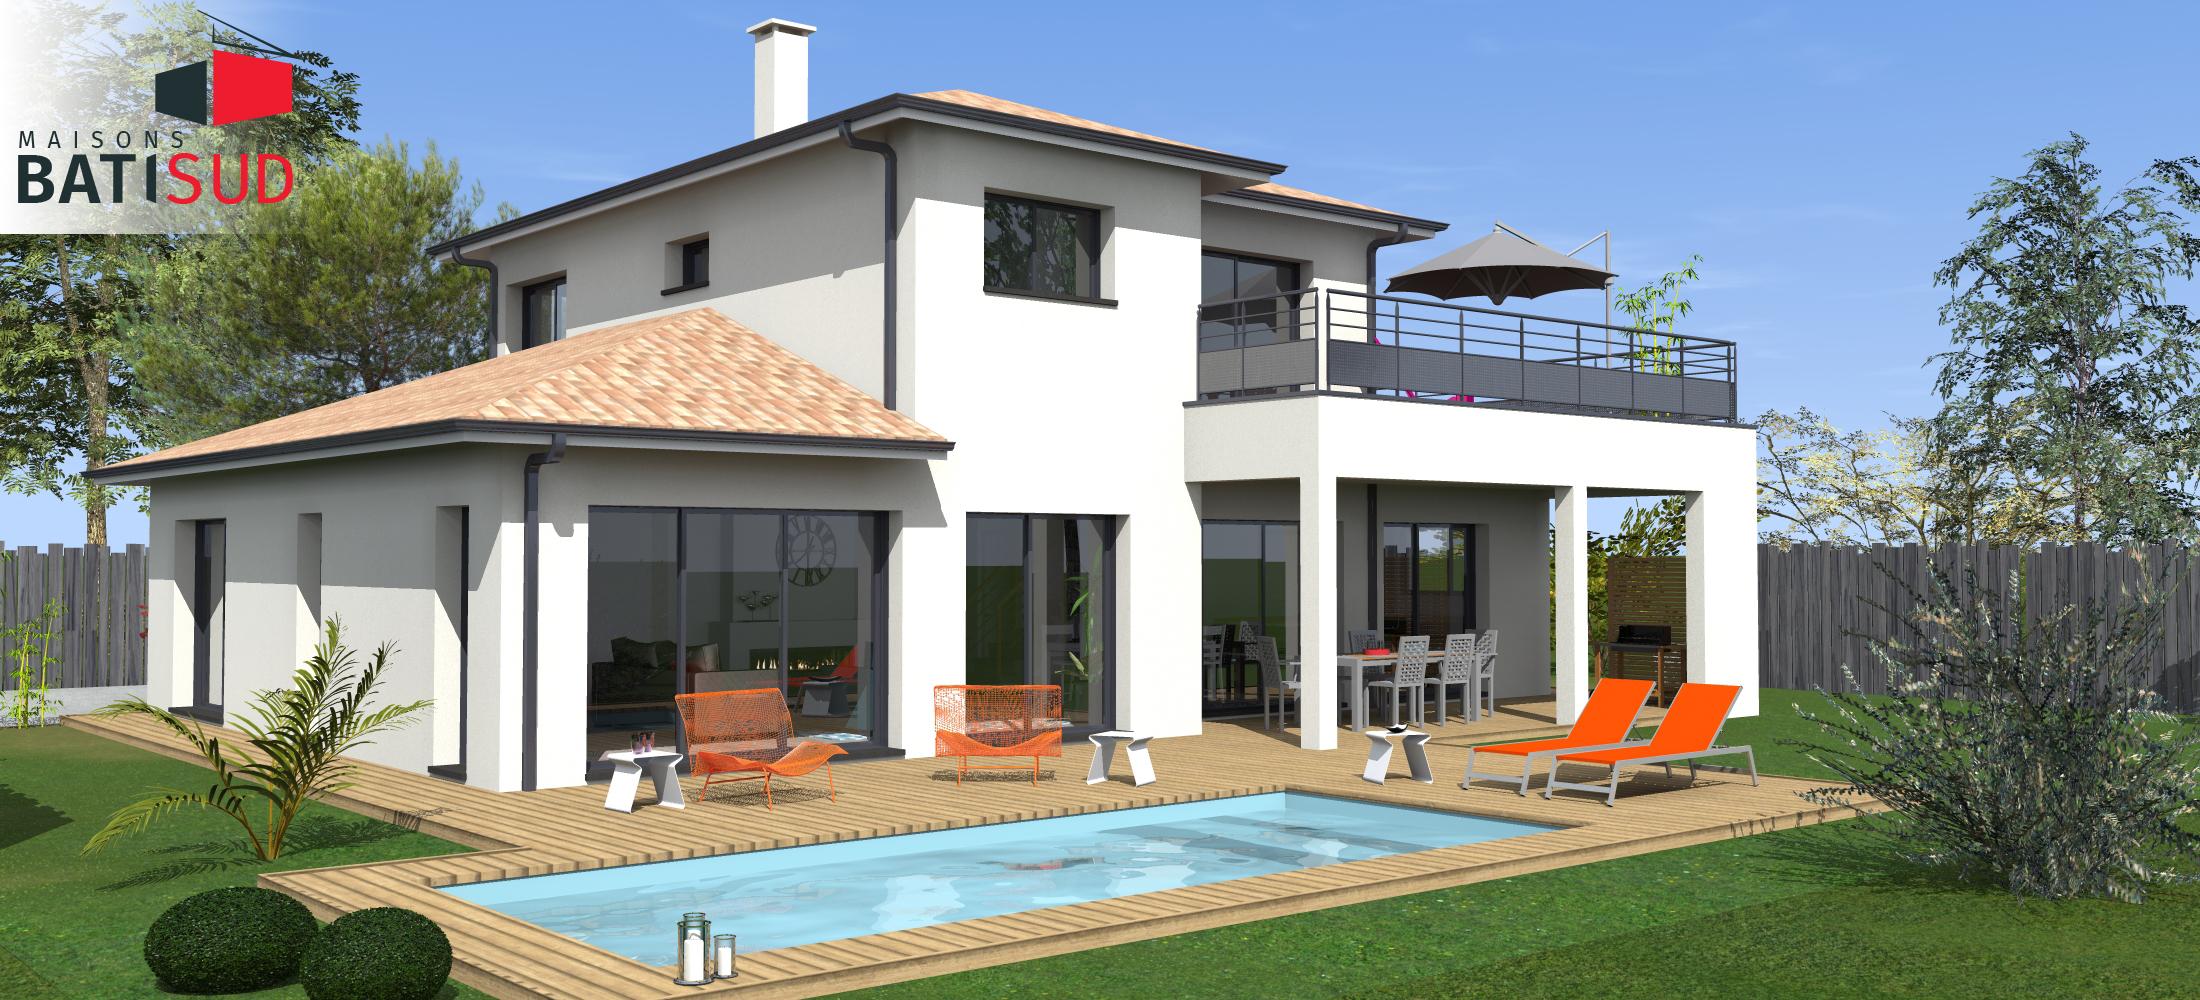 Belle Maison Moderne Avec Solarium Et Terrasse Couverte Sur ... dedans Maison Avec Terrasse Couverte